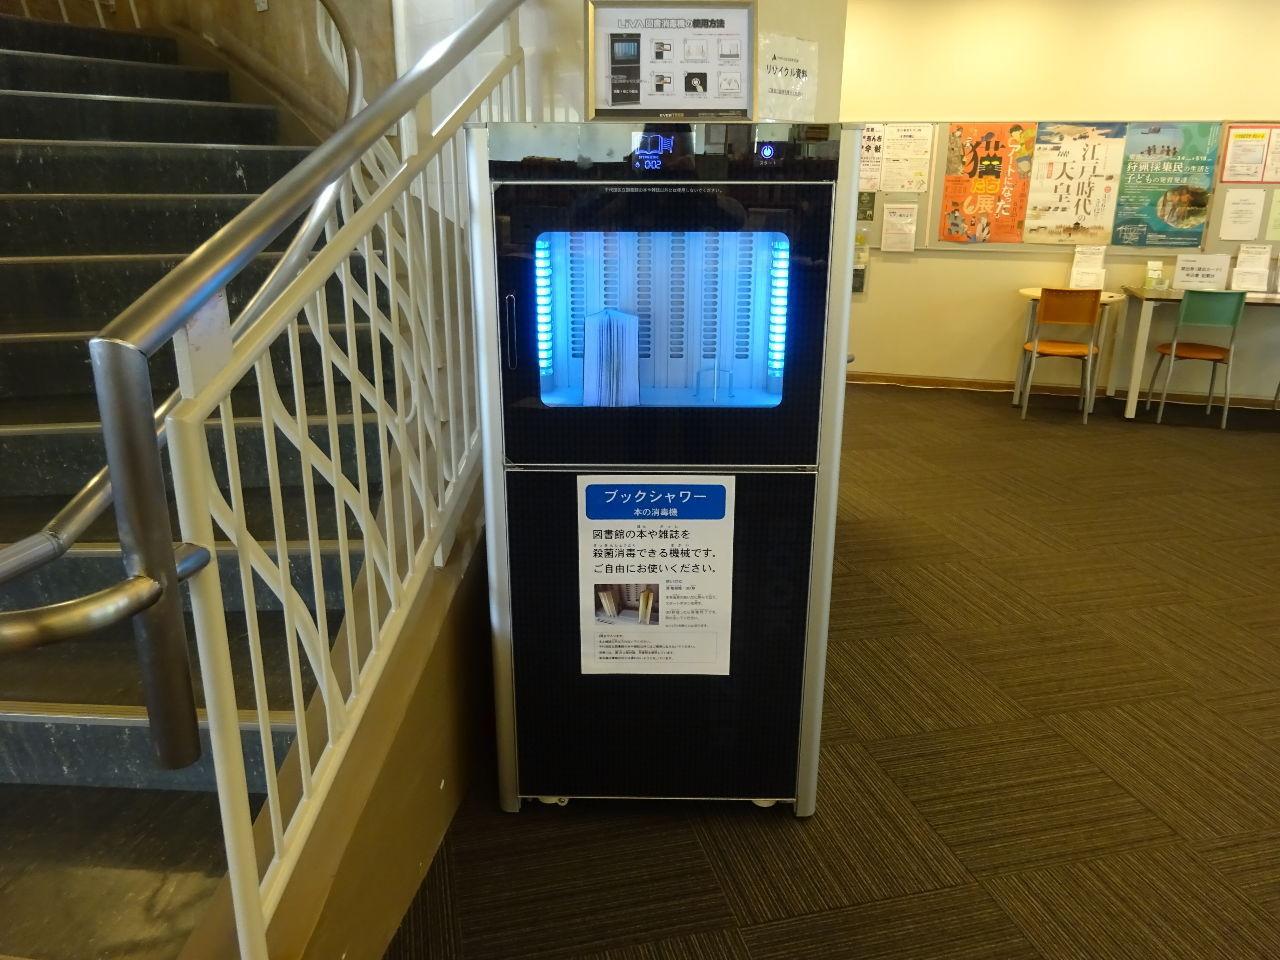 6924 - 岩崎電気(株) 紫外線消毒 徐々に広まってきています。  全国の図書館で「書籍消毒機」需要増   https://h